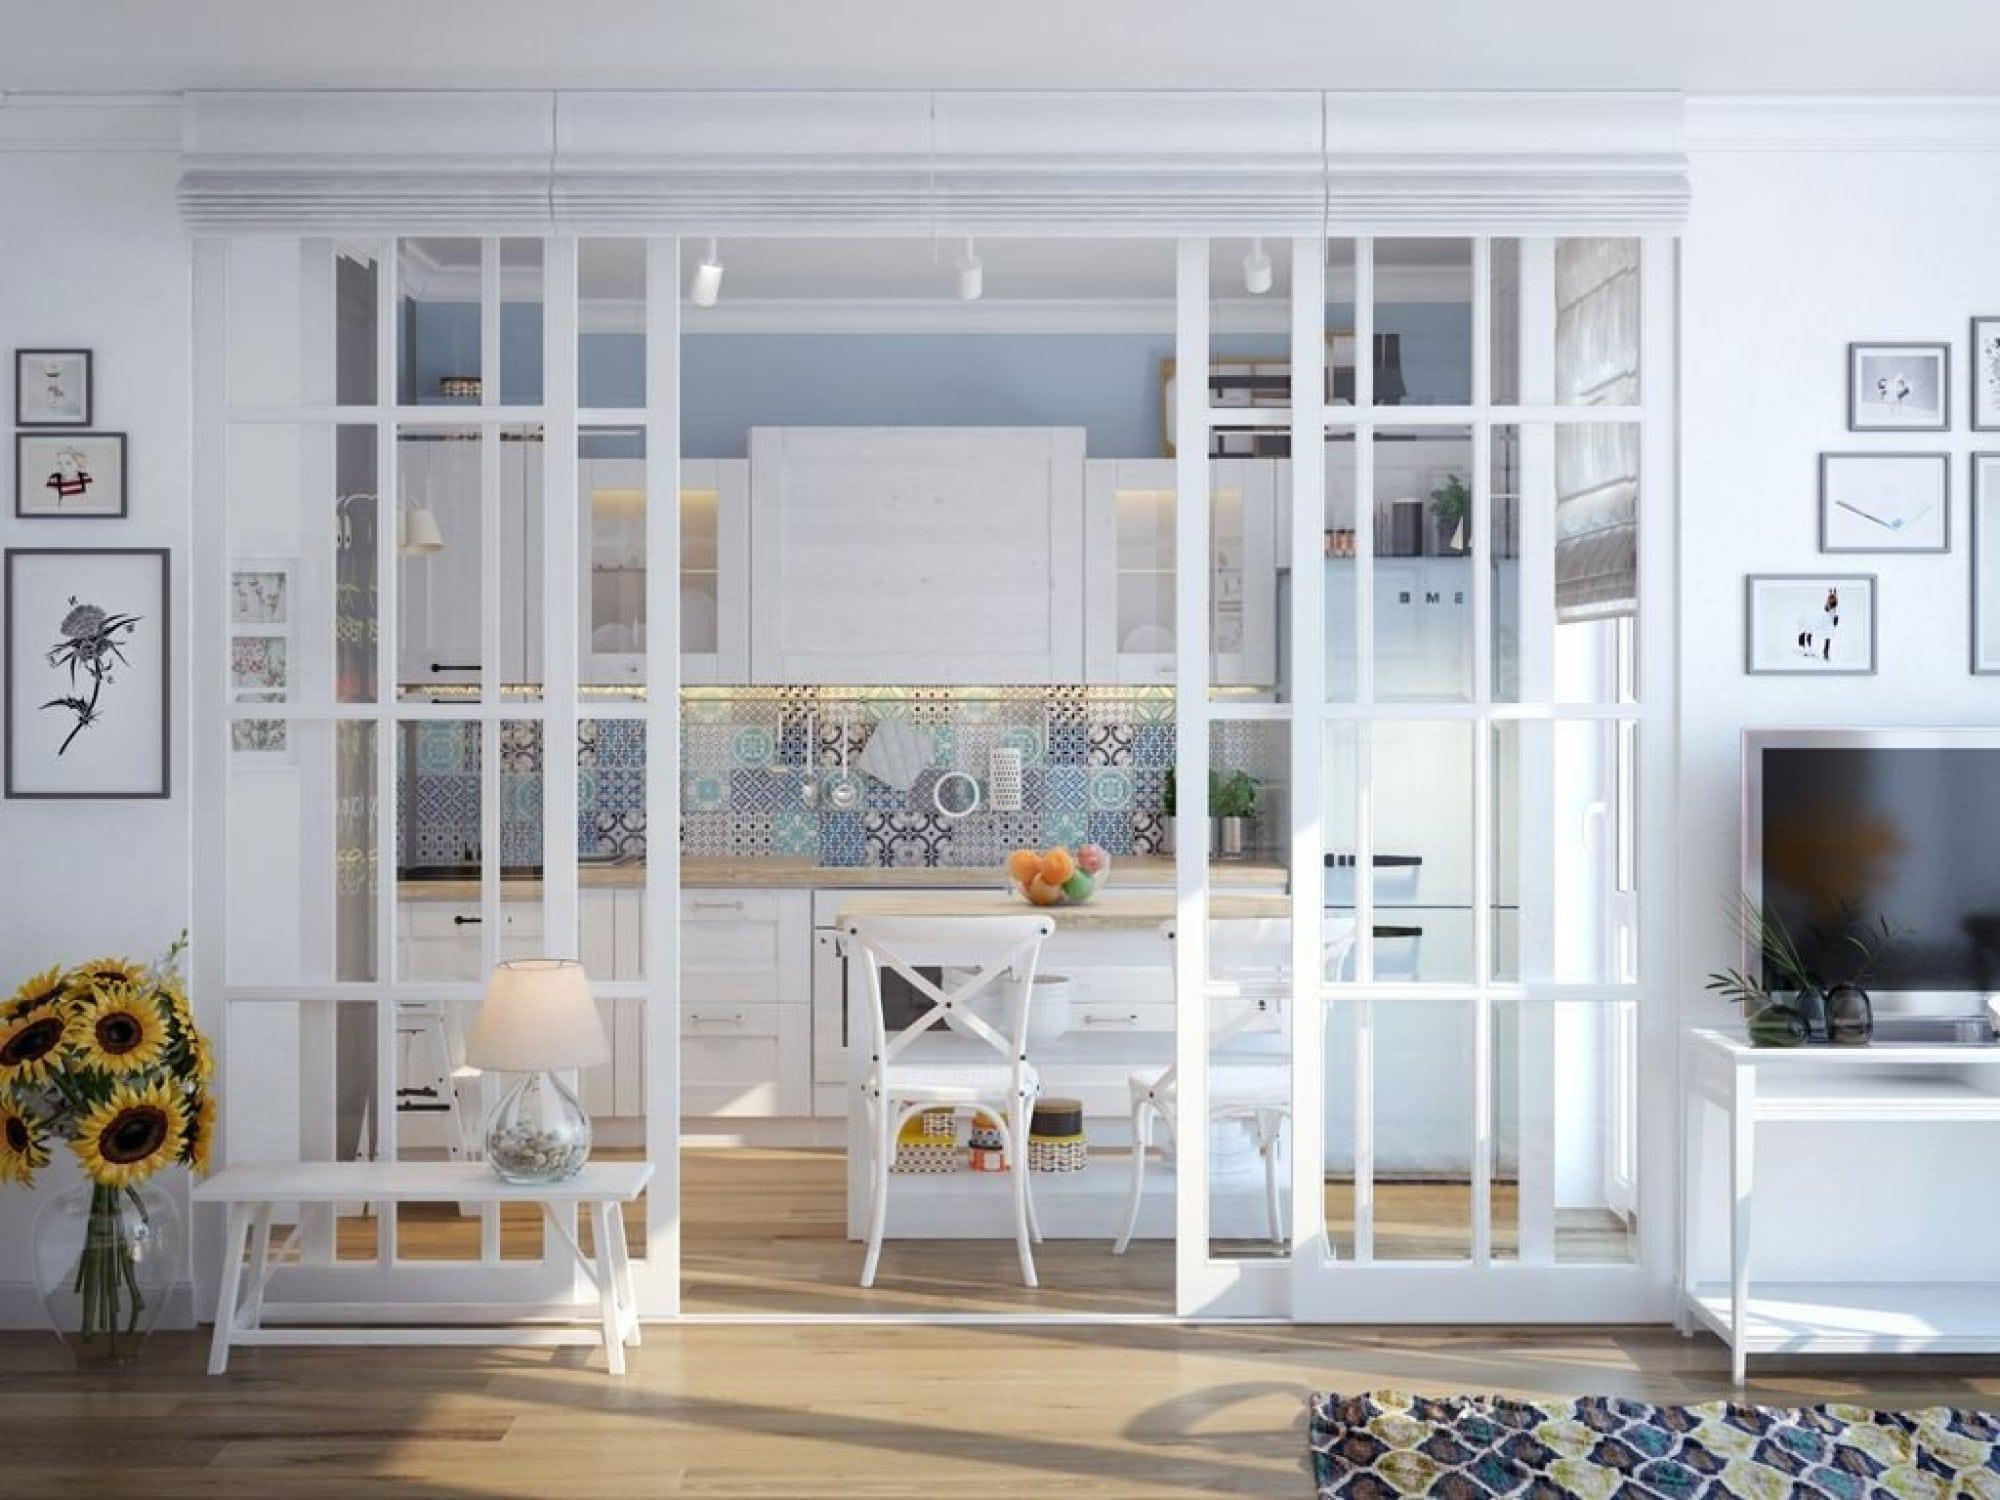 Стильное решение для разделения пространства между кухней и гостиной